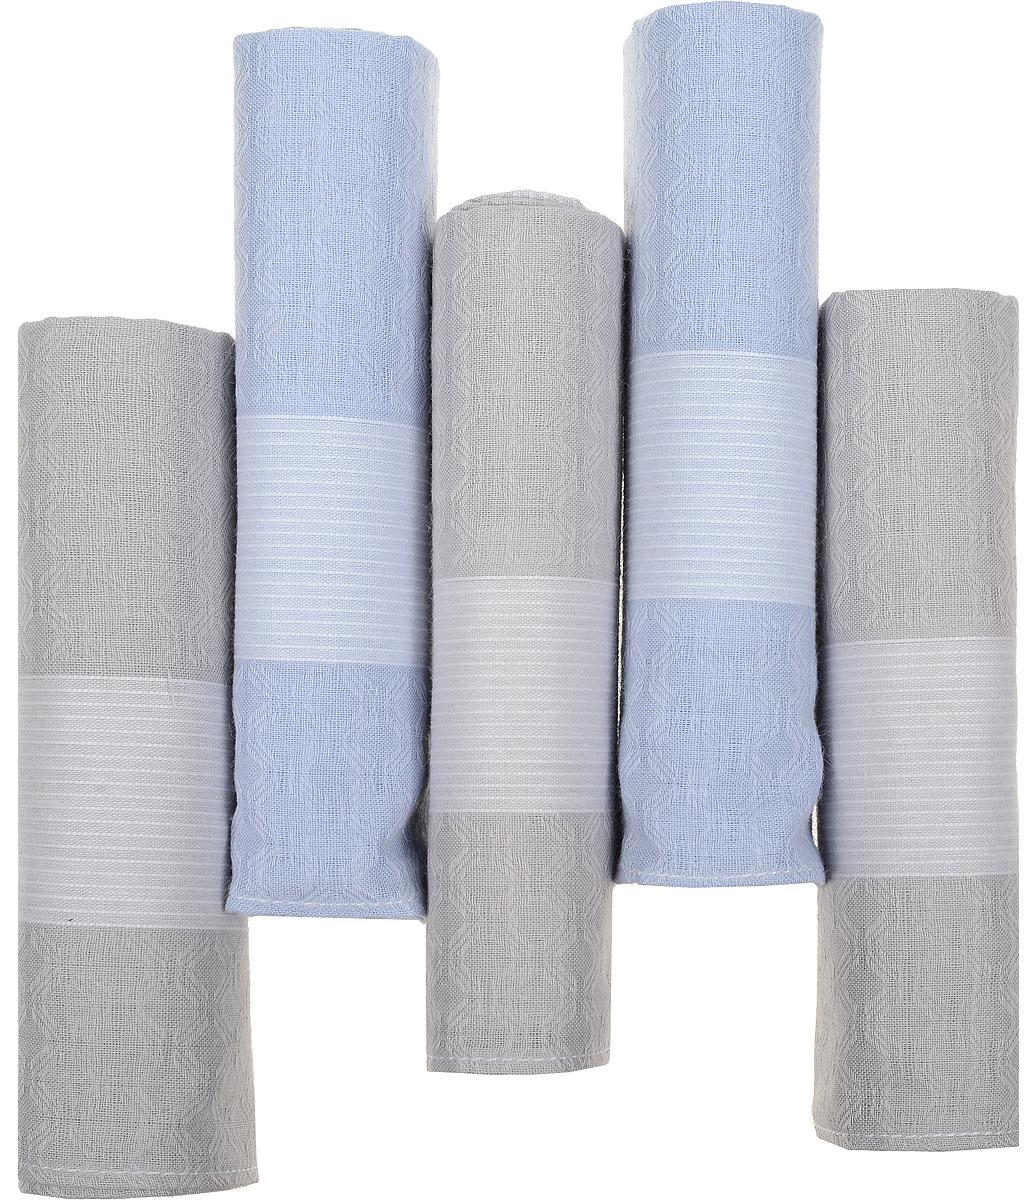 Платок носовой мужской Zlata Korunka, цвет: серый, голубой, белый, 5 шт. 90512-1. Размер 29 см х 29 см90512-1Оригинальный мужской носовой платок Zlata Korunka изготовлен из высококачественного натурального хлопка, благодаря чему приятен в использовании, хорошо стирается, не садится и отлично впитывает влагу. Практичный и изящный носовой платок будет незаменим в повседневной жизни любого современного человека. Такой платок послужит стильным аксессуаром и подчеркнет ваше превосходное чувство вкуса. В комплекте 5 платков.